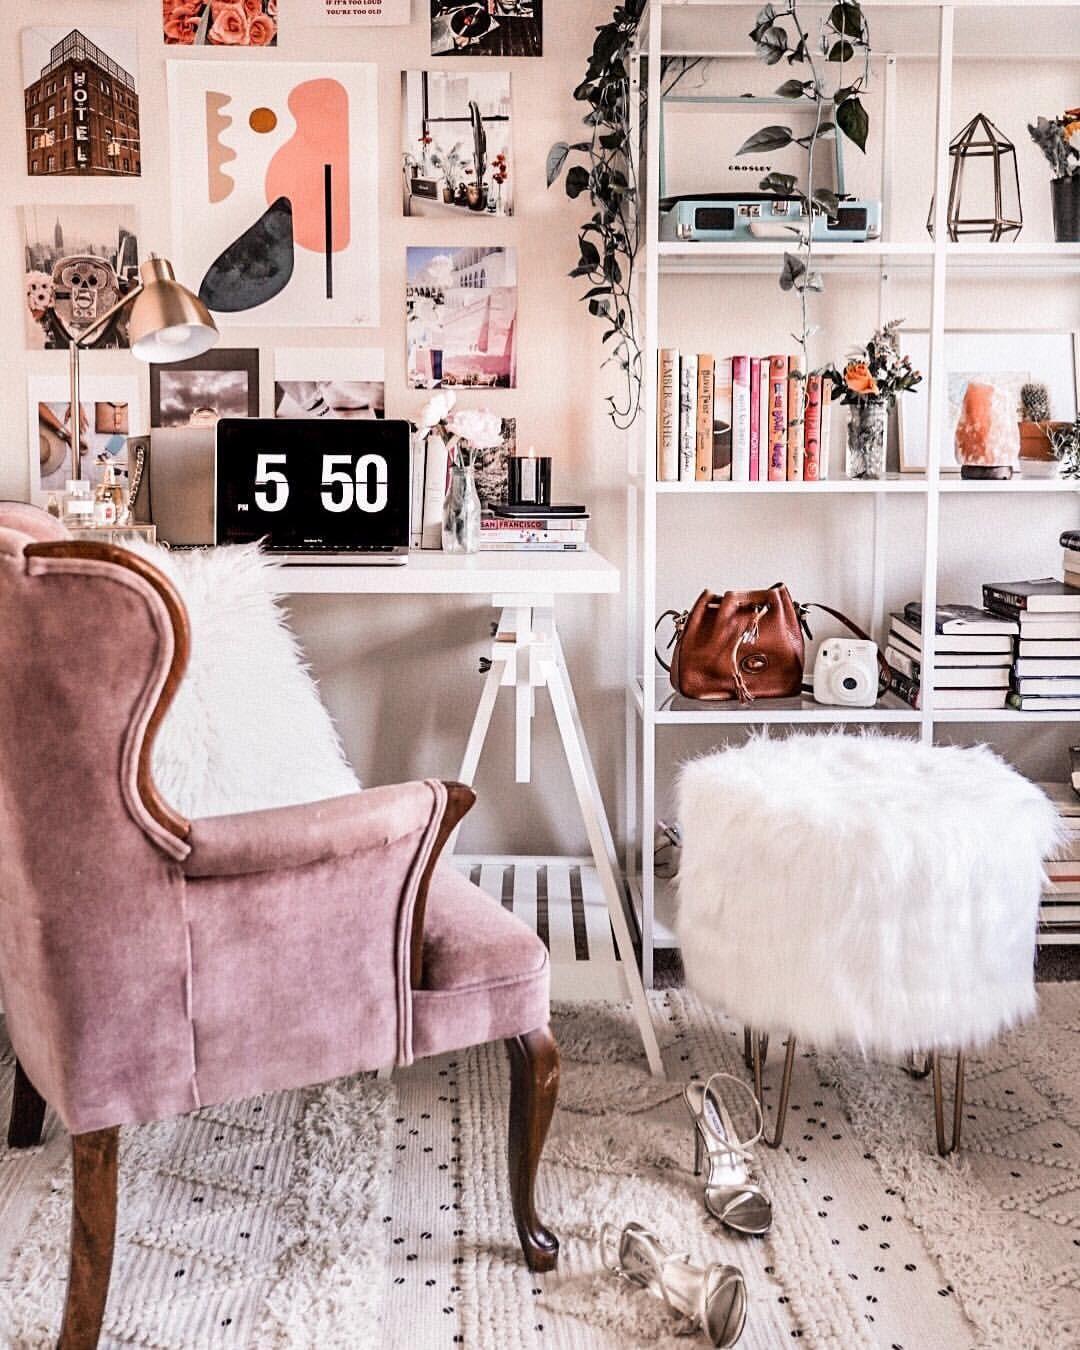 Cozy Homeoffice Decor: Desk Collage Wall Idea @astoldbymichelle #deskdecor